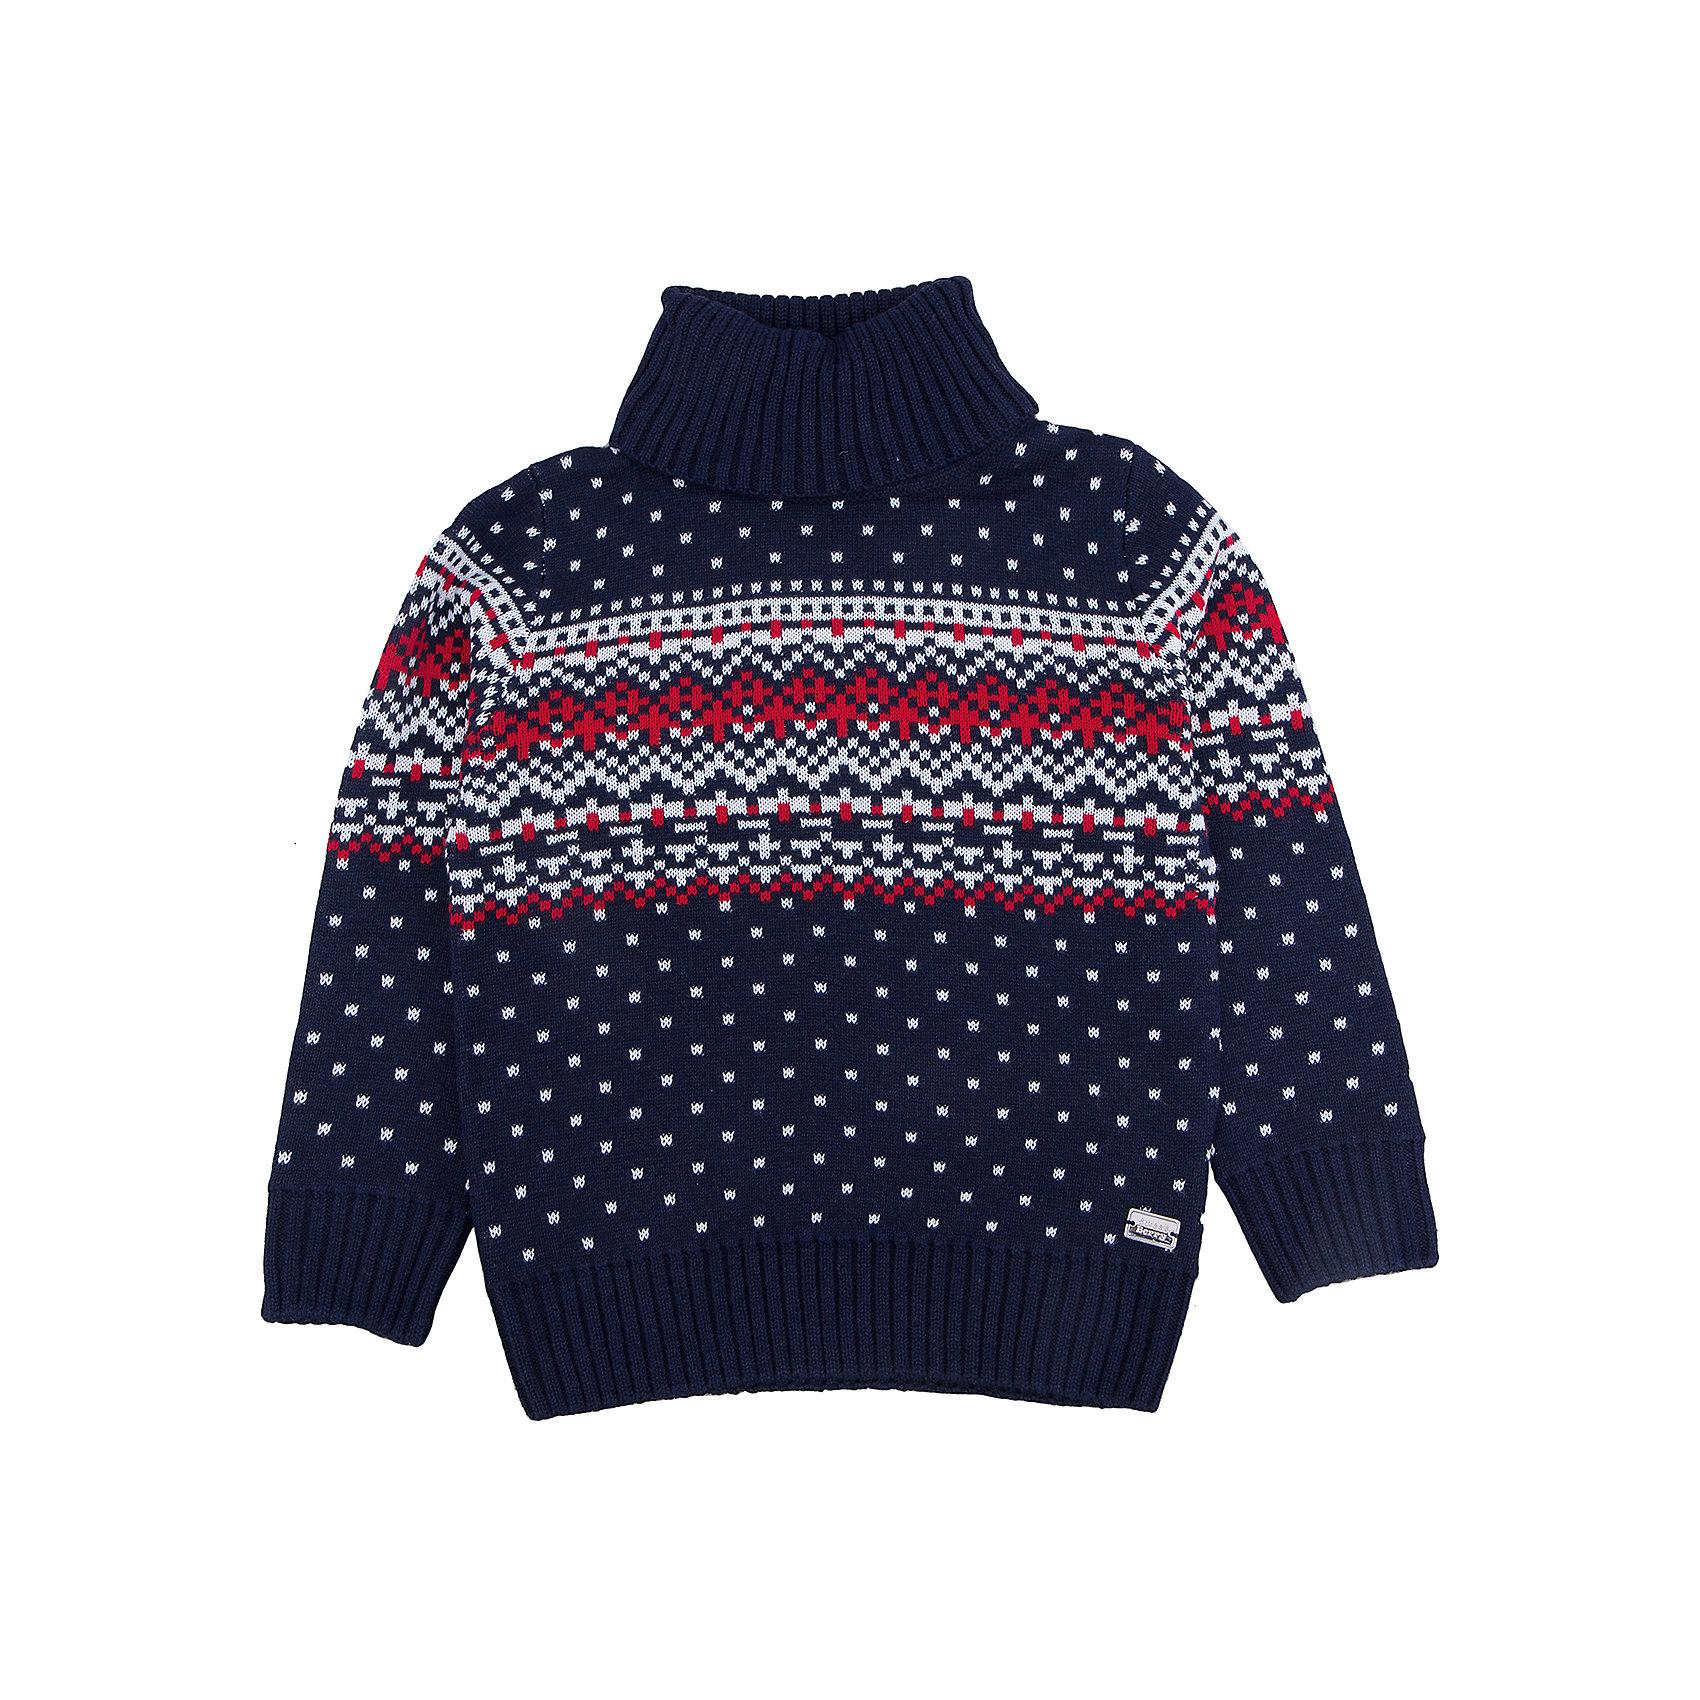 Свитер для мальчика Sweet BerryСвитера и кардиганы<br>Эта модель свитера для мальчика отличается модным дизайном с оригинальным узором. Удачный крой обеспечит ребенку комфорт и тепло. Края изделия обработаны мягкой резинкой , горло - высокое, поэтому вещь плотно прилегает к телу там, где нужно, и отлично сидит по фигуре. Натуральный хлопок в составе пряжи обеспечит коже возможность дышать и не вызовет аллергии.<br>Одежда от бренда Sweet Berry - это простой и выгодный способ одеть ребенка удобно и стильно. Всё изделия тщательно проработаны: швы - прочные, материал - качественный, фурнитура - подобранная специально для детей. <br><br>Дополнительная информация:<br><br>цвет: синий;<br>материал: 60% хлопок, 40% акрил;<br>высокое горло;<br>декорирован узором.<br><br>Свитер для мальчика от бренда Sweet Berry можно купить в нашем интернет-магазине.<br><br>Ширина мм: 190<br>Глубина мм: 74<br>Высота мм: 229<br>Вес г: 236<br>Цвет: синий<br>Возраст от месяцев: 48<br>Возраст до месяцев: 60<br>Пол: Мужской<br>Возраст: Детский<br>Размер: 110,128,98,104,116,122<br>SKU: 4930571